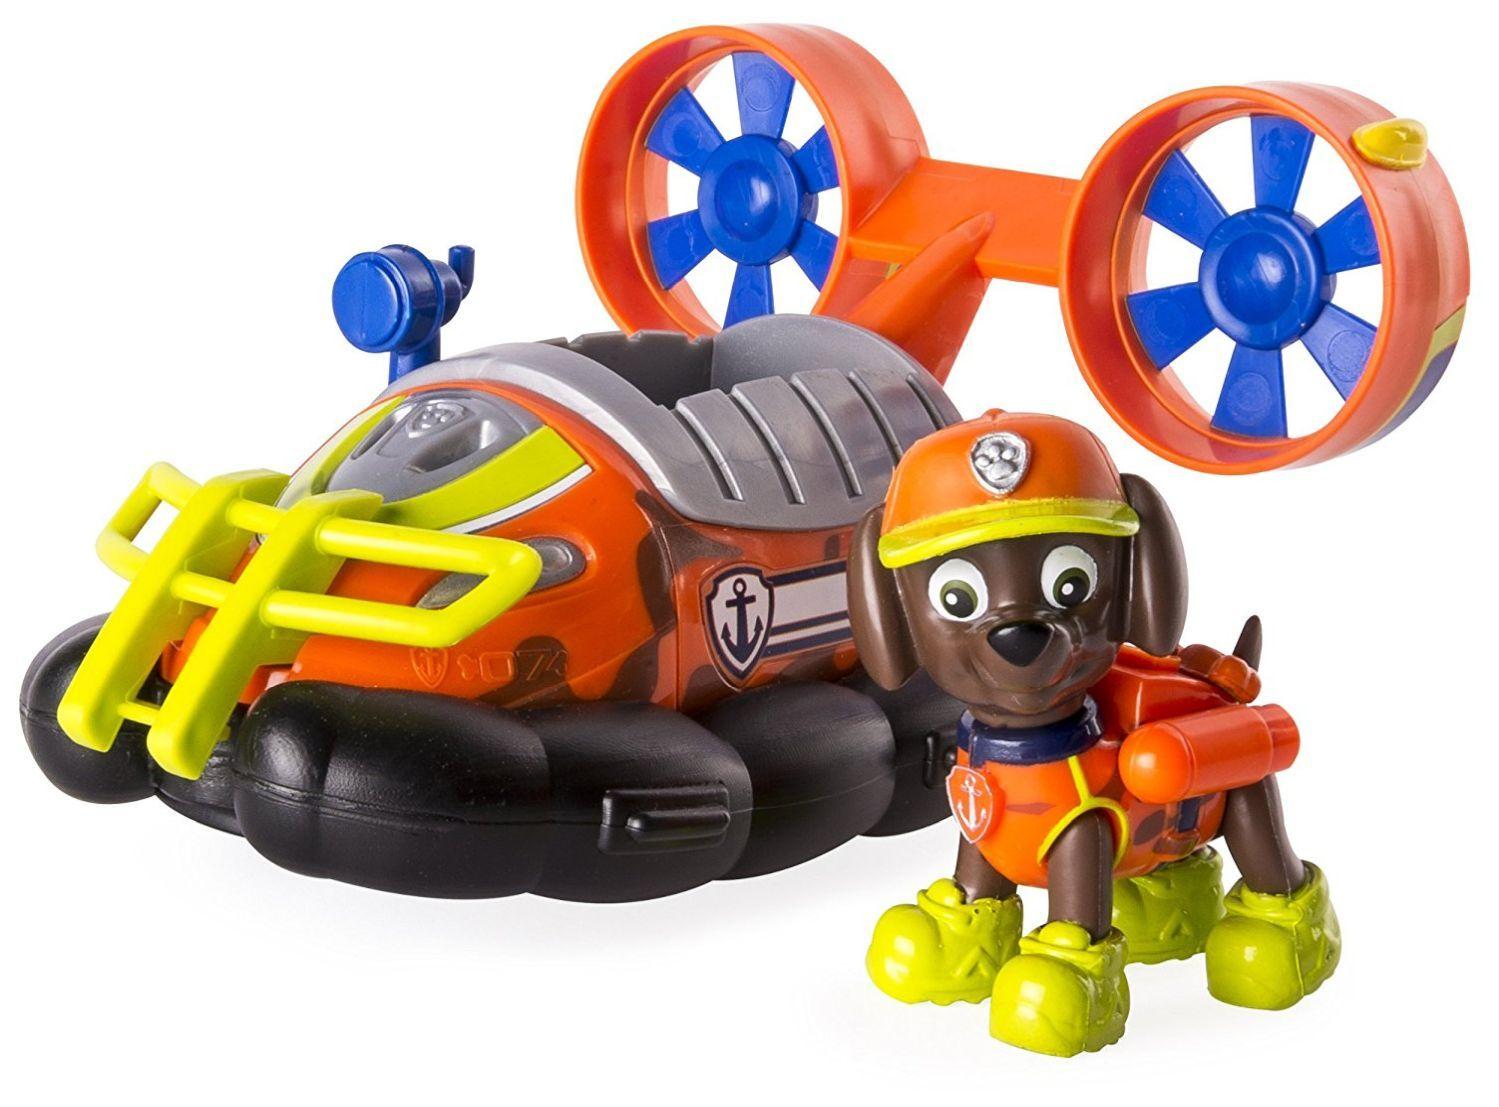 Paw Patrol Hovercraft Zuma As8ft6dpiep Paw Patrol Toys Paw Patrol Jungle Rescue Zuma Paw Patrol